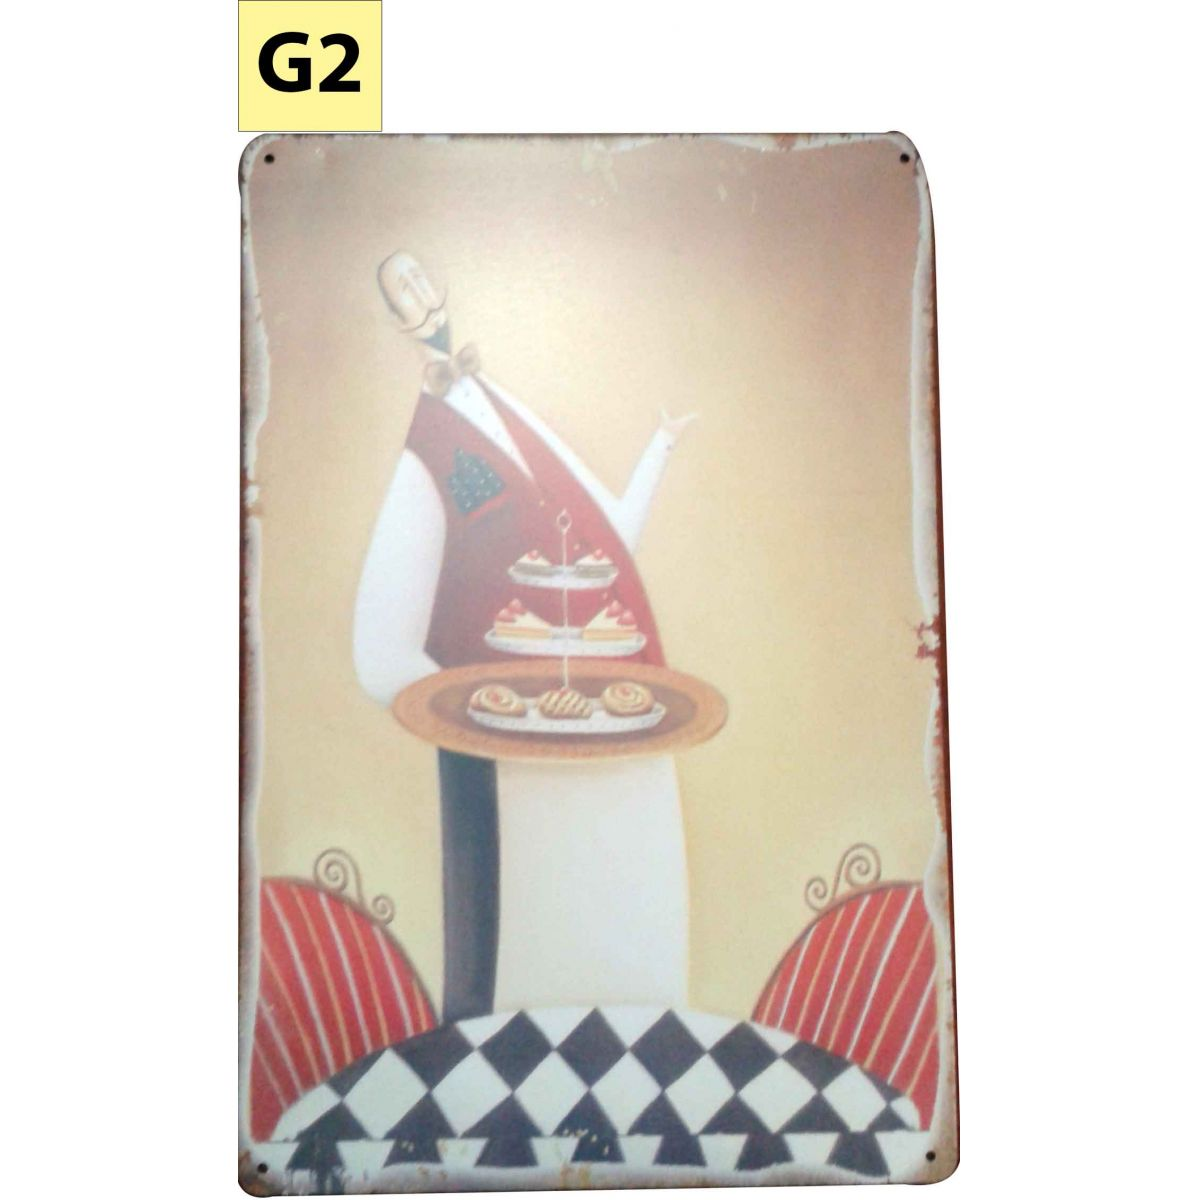 Placa Decorativa Vintage Cozinha - Garçom - Frete Grátis  - Thata Esportes